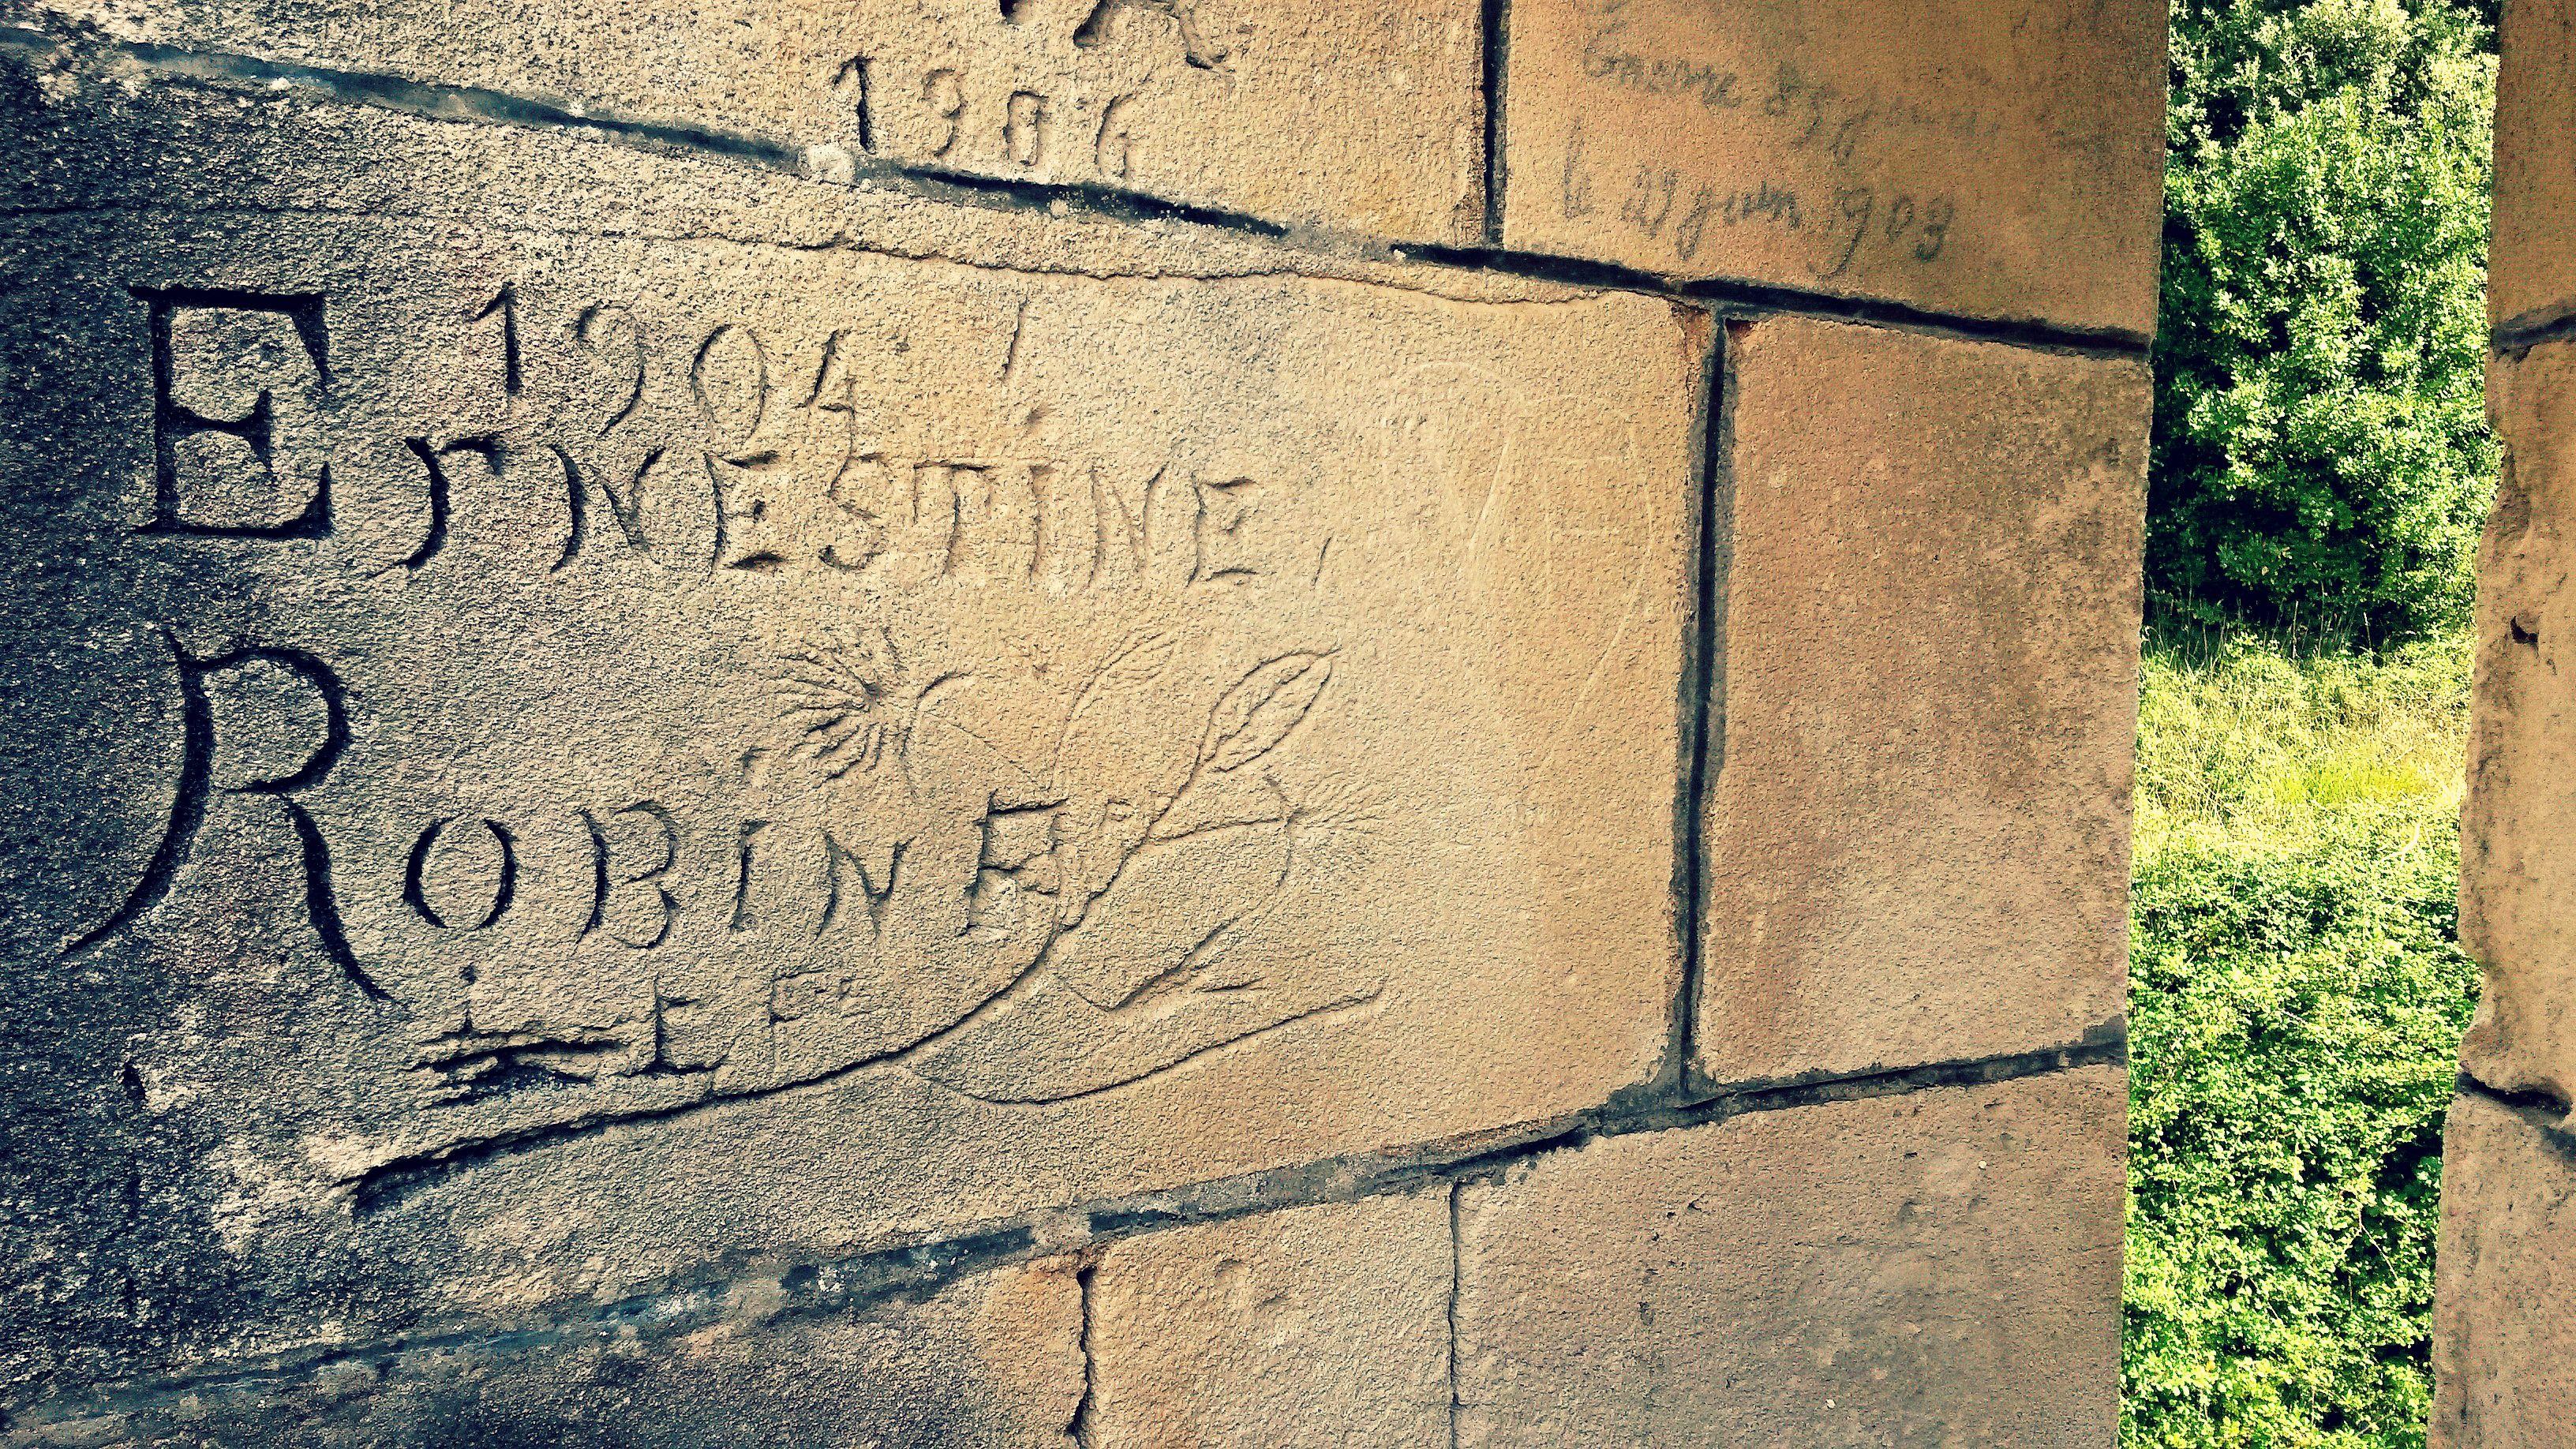 Souvenir d'amoureux en 1904 #graffiti au #Fort #Liédot #Patrimoine #îledAix #RochefortOcean #CharenteMaritime ©Bérengère Texier